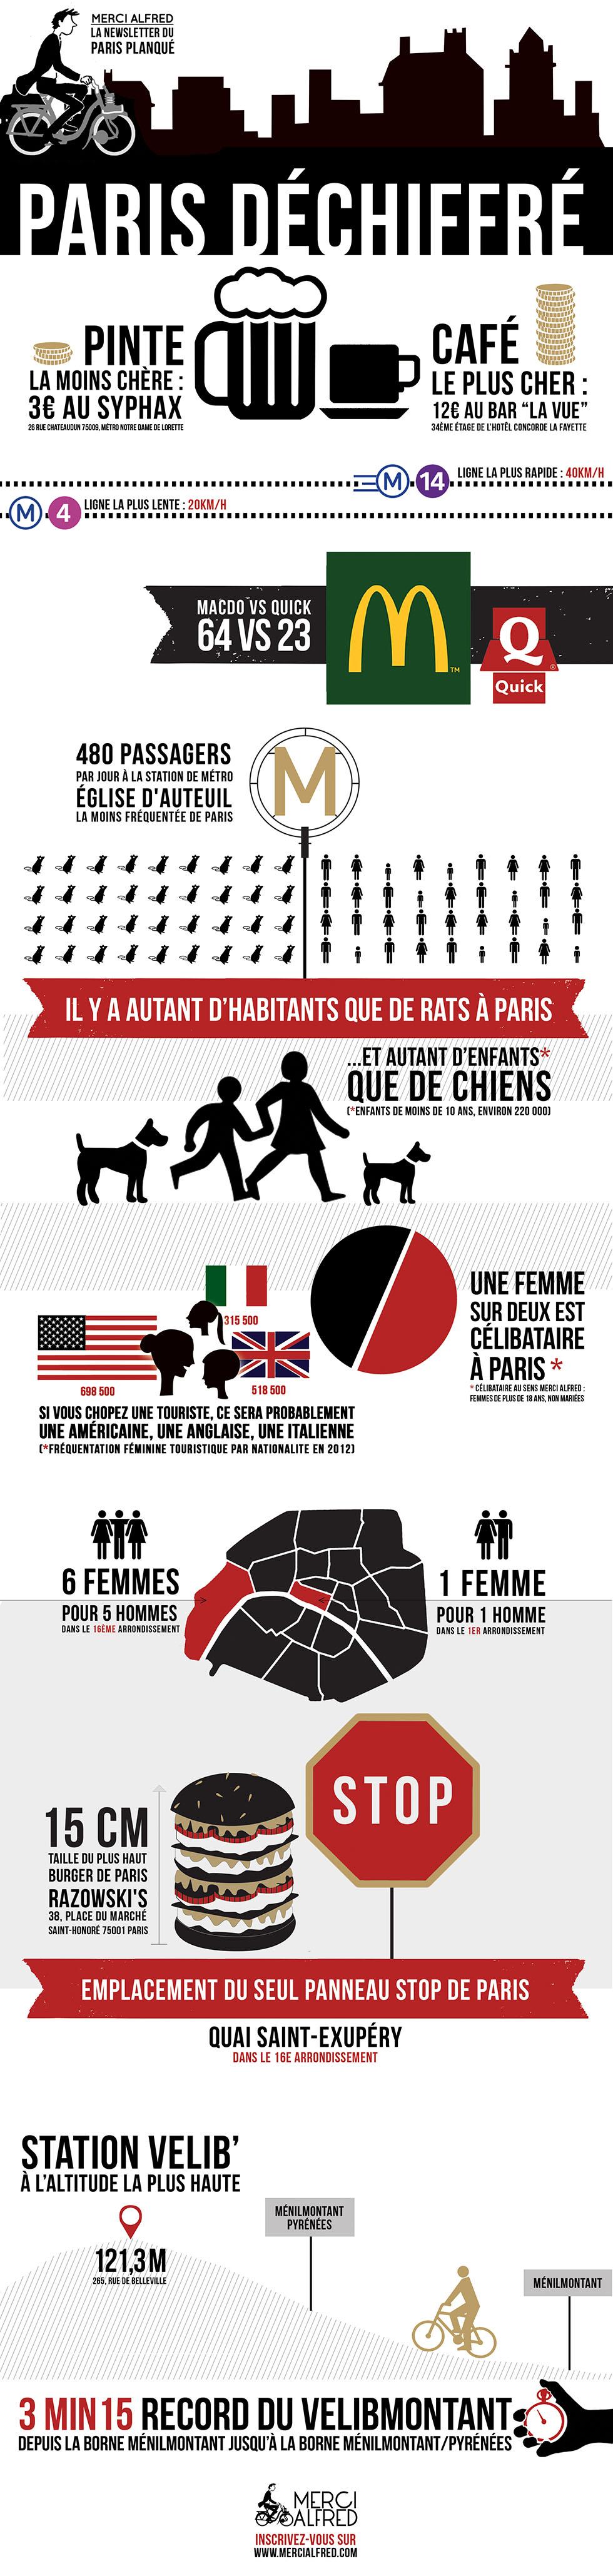 infographie sur Paris insolite